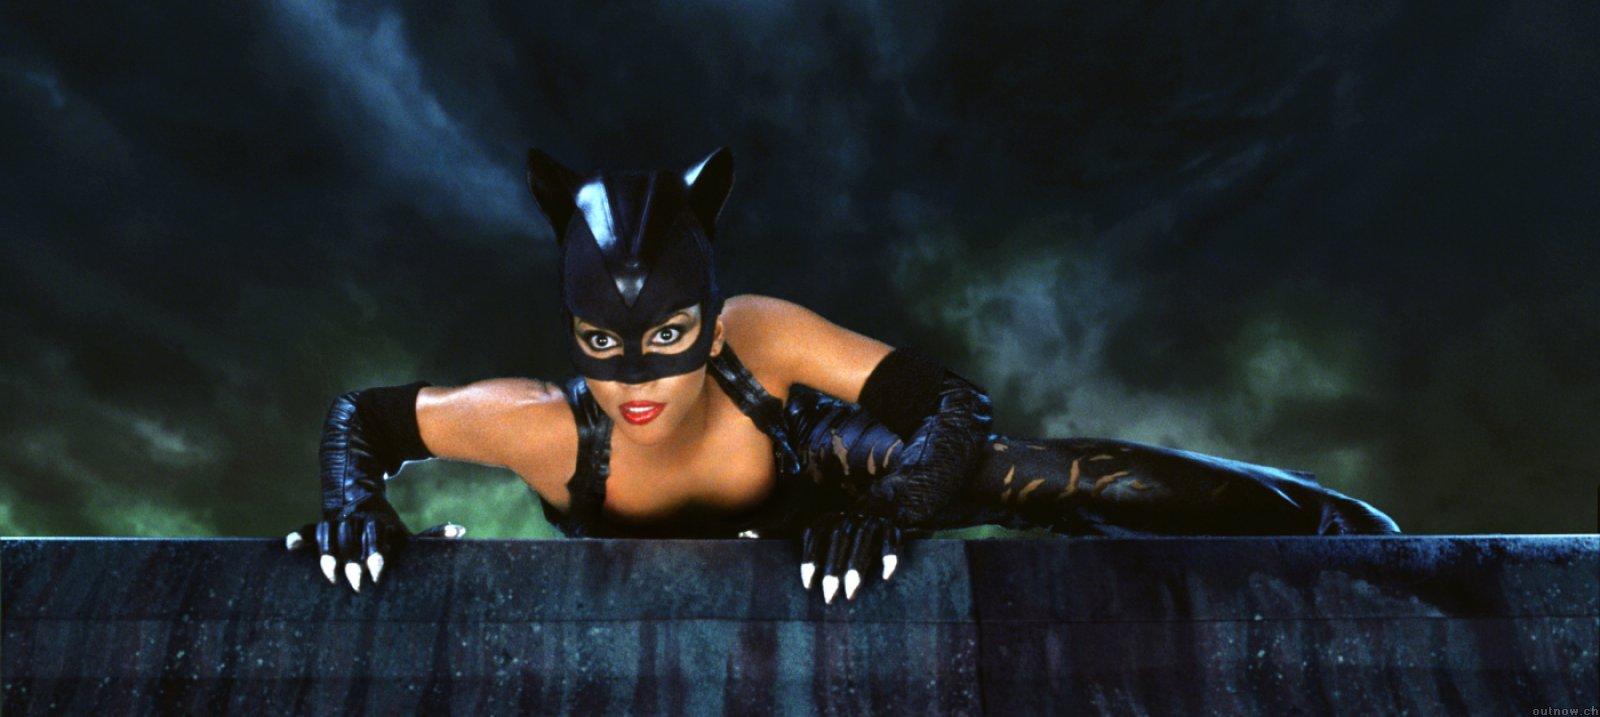 Wonder Woman và trách nhiệm giải đen cho các phim về nữ anh hùng - Ảnh 3.